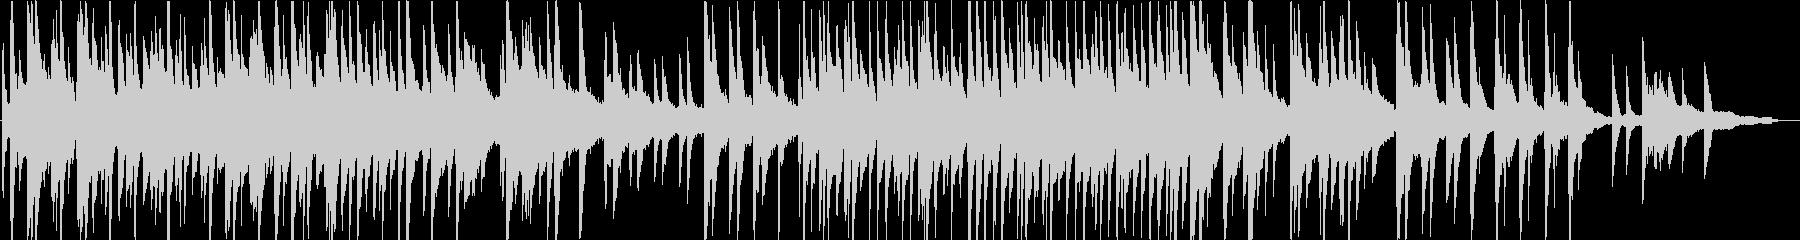 懐かしくてノスタルジックなピアノ曲の未再生の波形